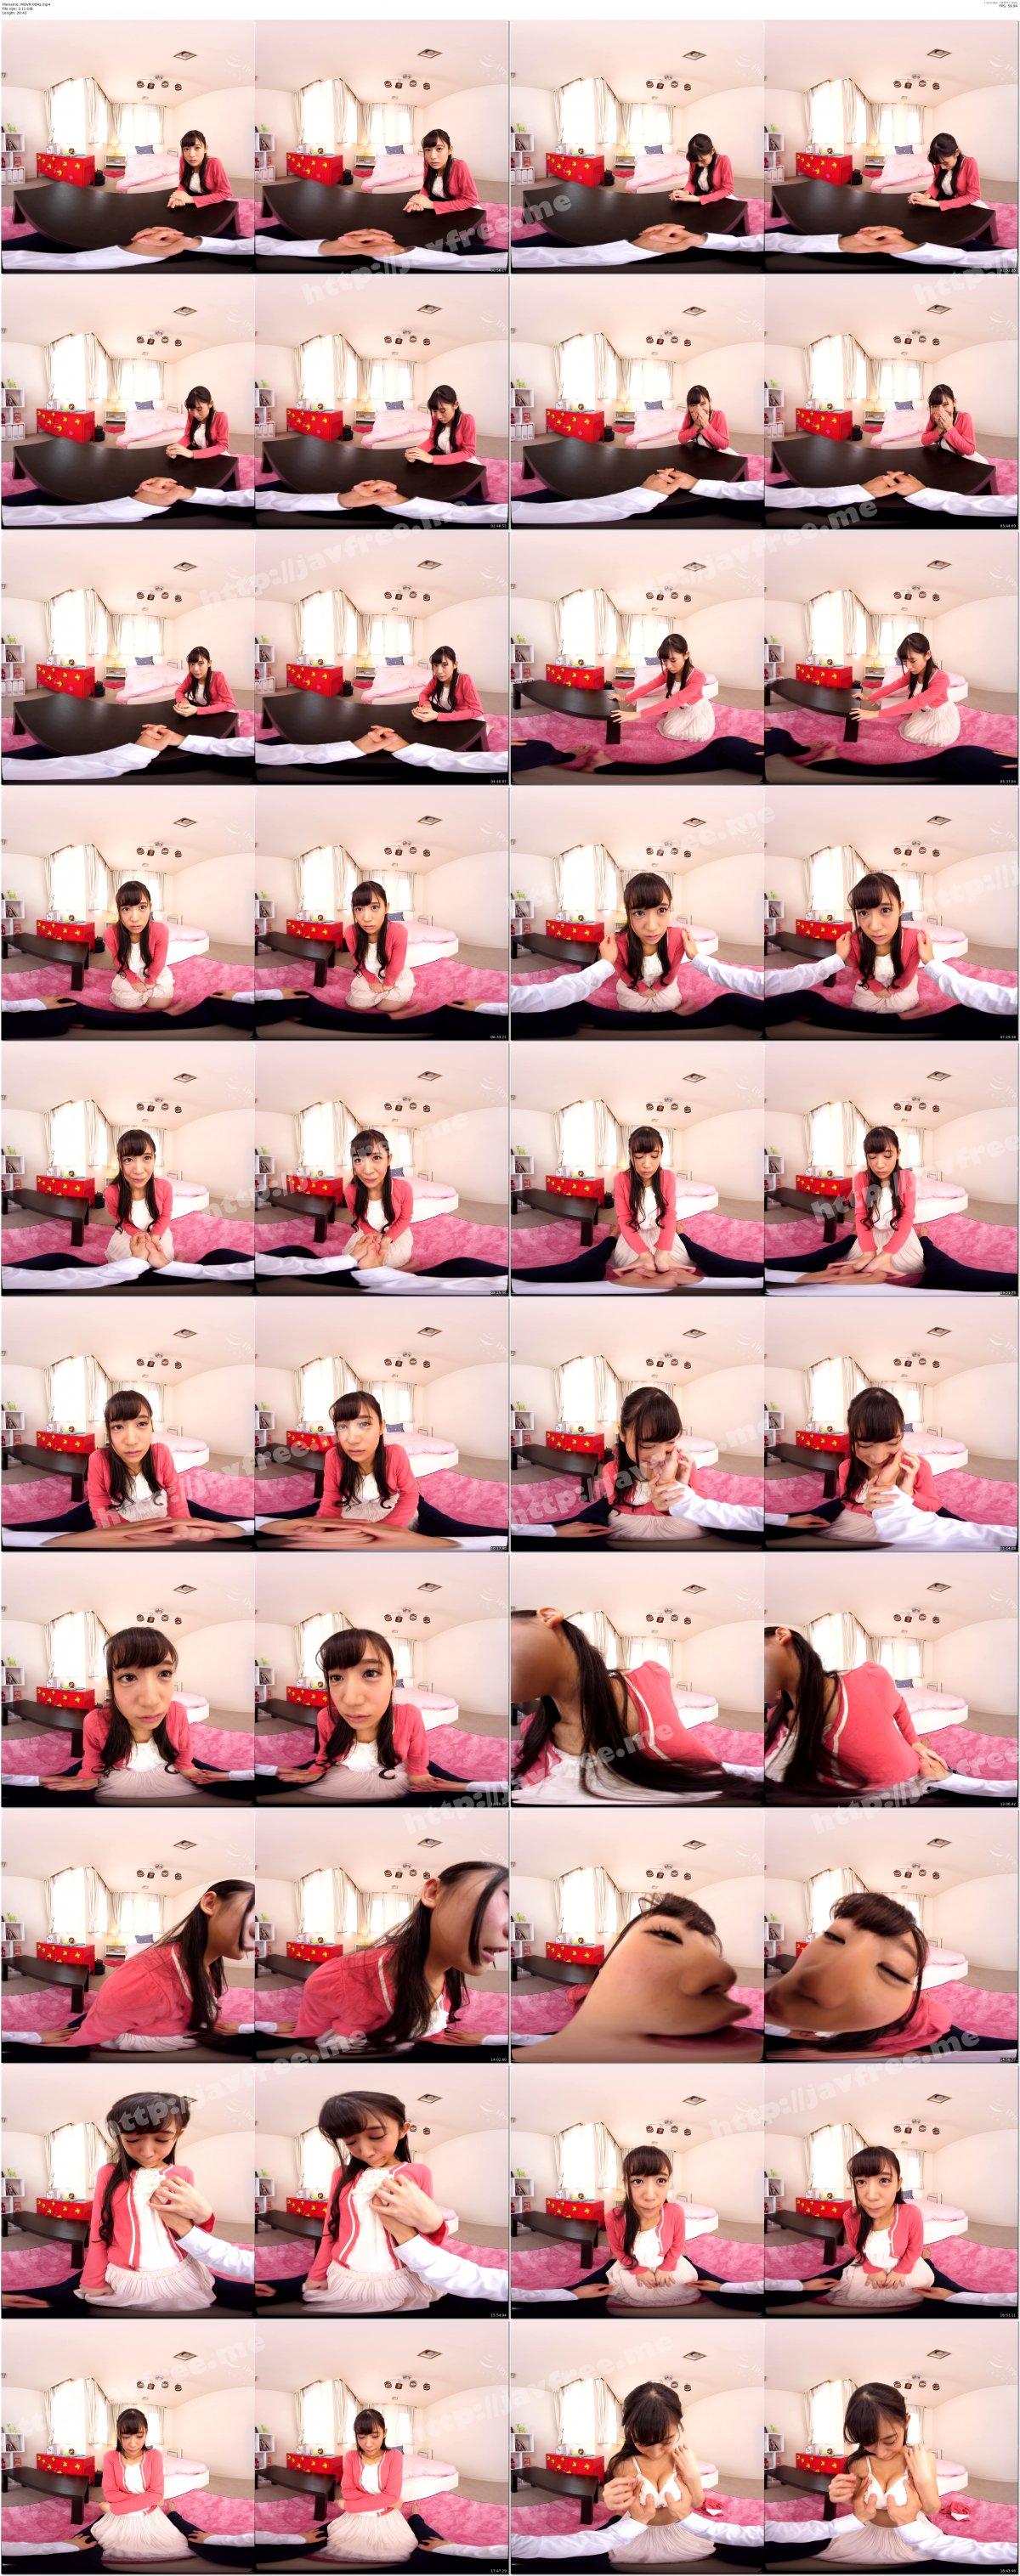 [MOVR-004] 【VR】つきあって1ヶ月の甘えん坊な彼女の部屋で遂にイチャラブ初エッチ - image MOVR-004a on https://javfree.me